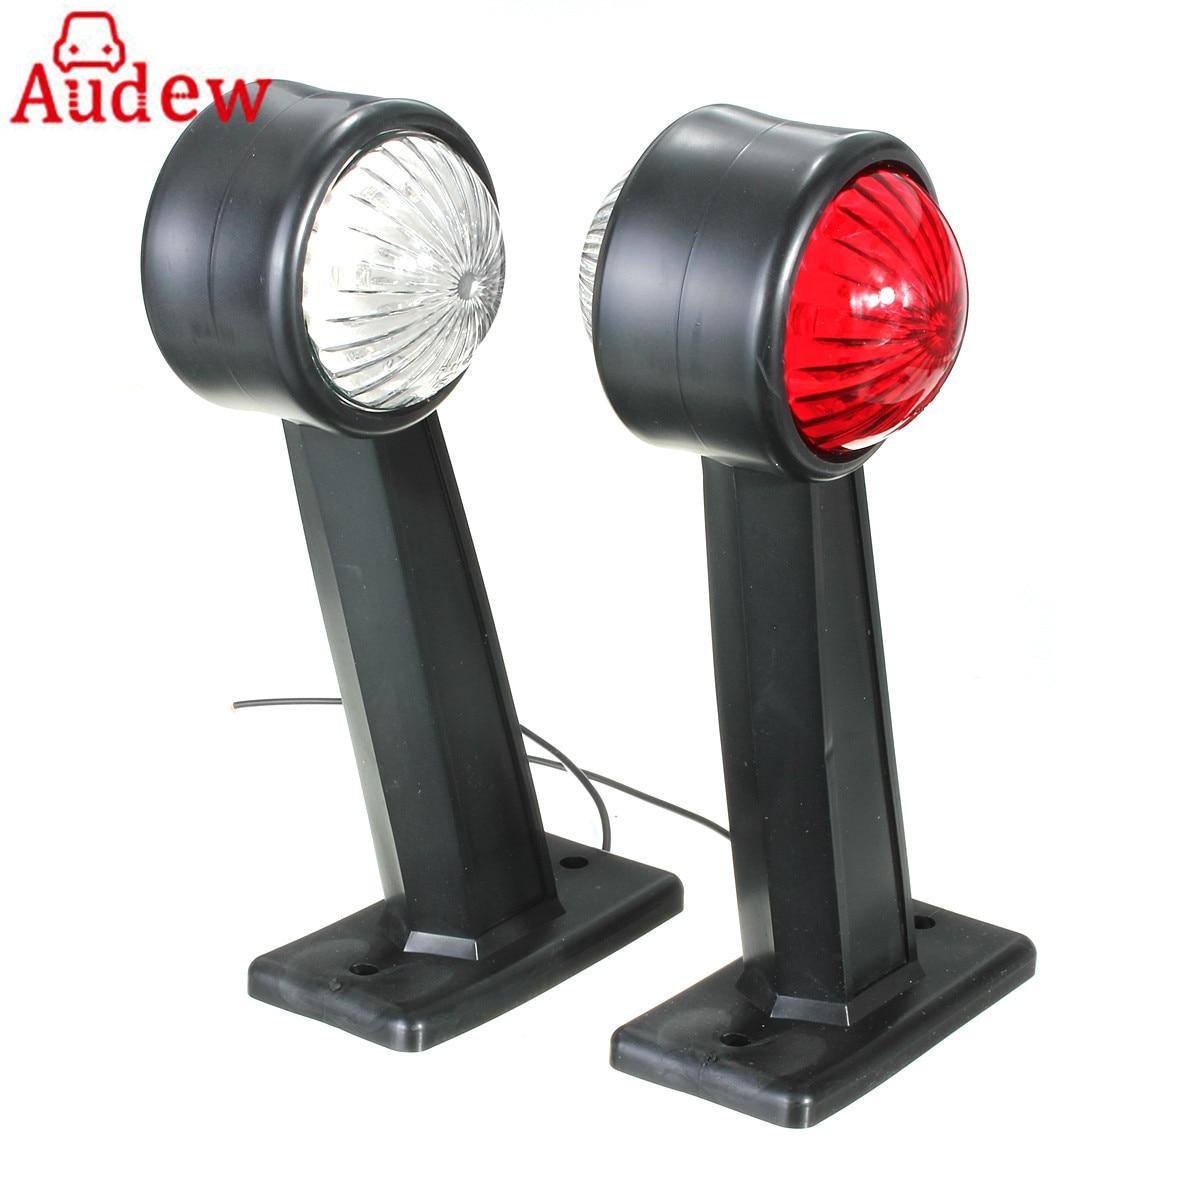 12/24В 12led габаритный свет лампы хвост предупреждение регулятор lihgt двойной Цвет белый и красный для прицепа Боже